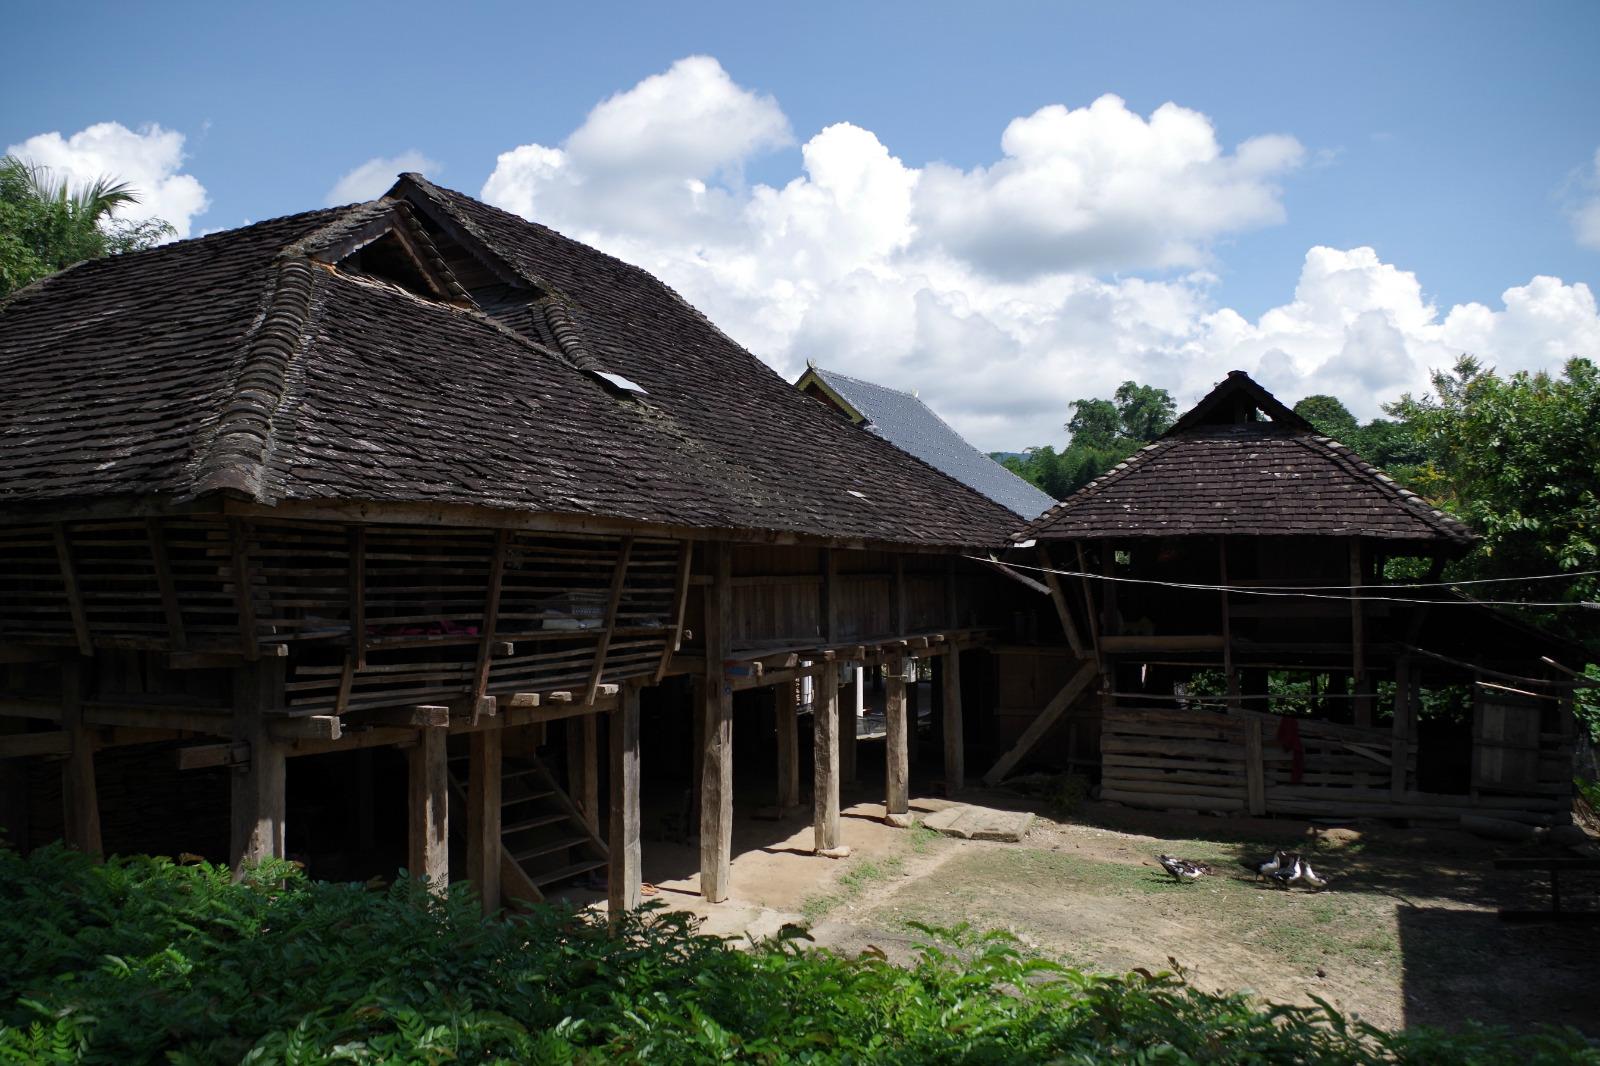 果然,最老的一代傣族民居已经不多了,木质的建筑朴素简洁,但年代久了图片